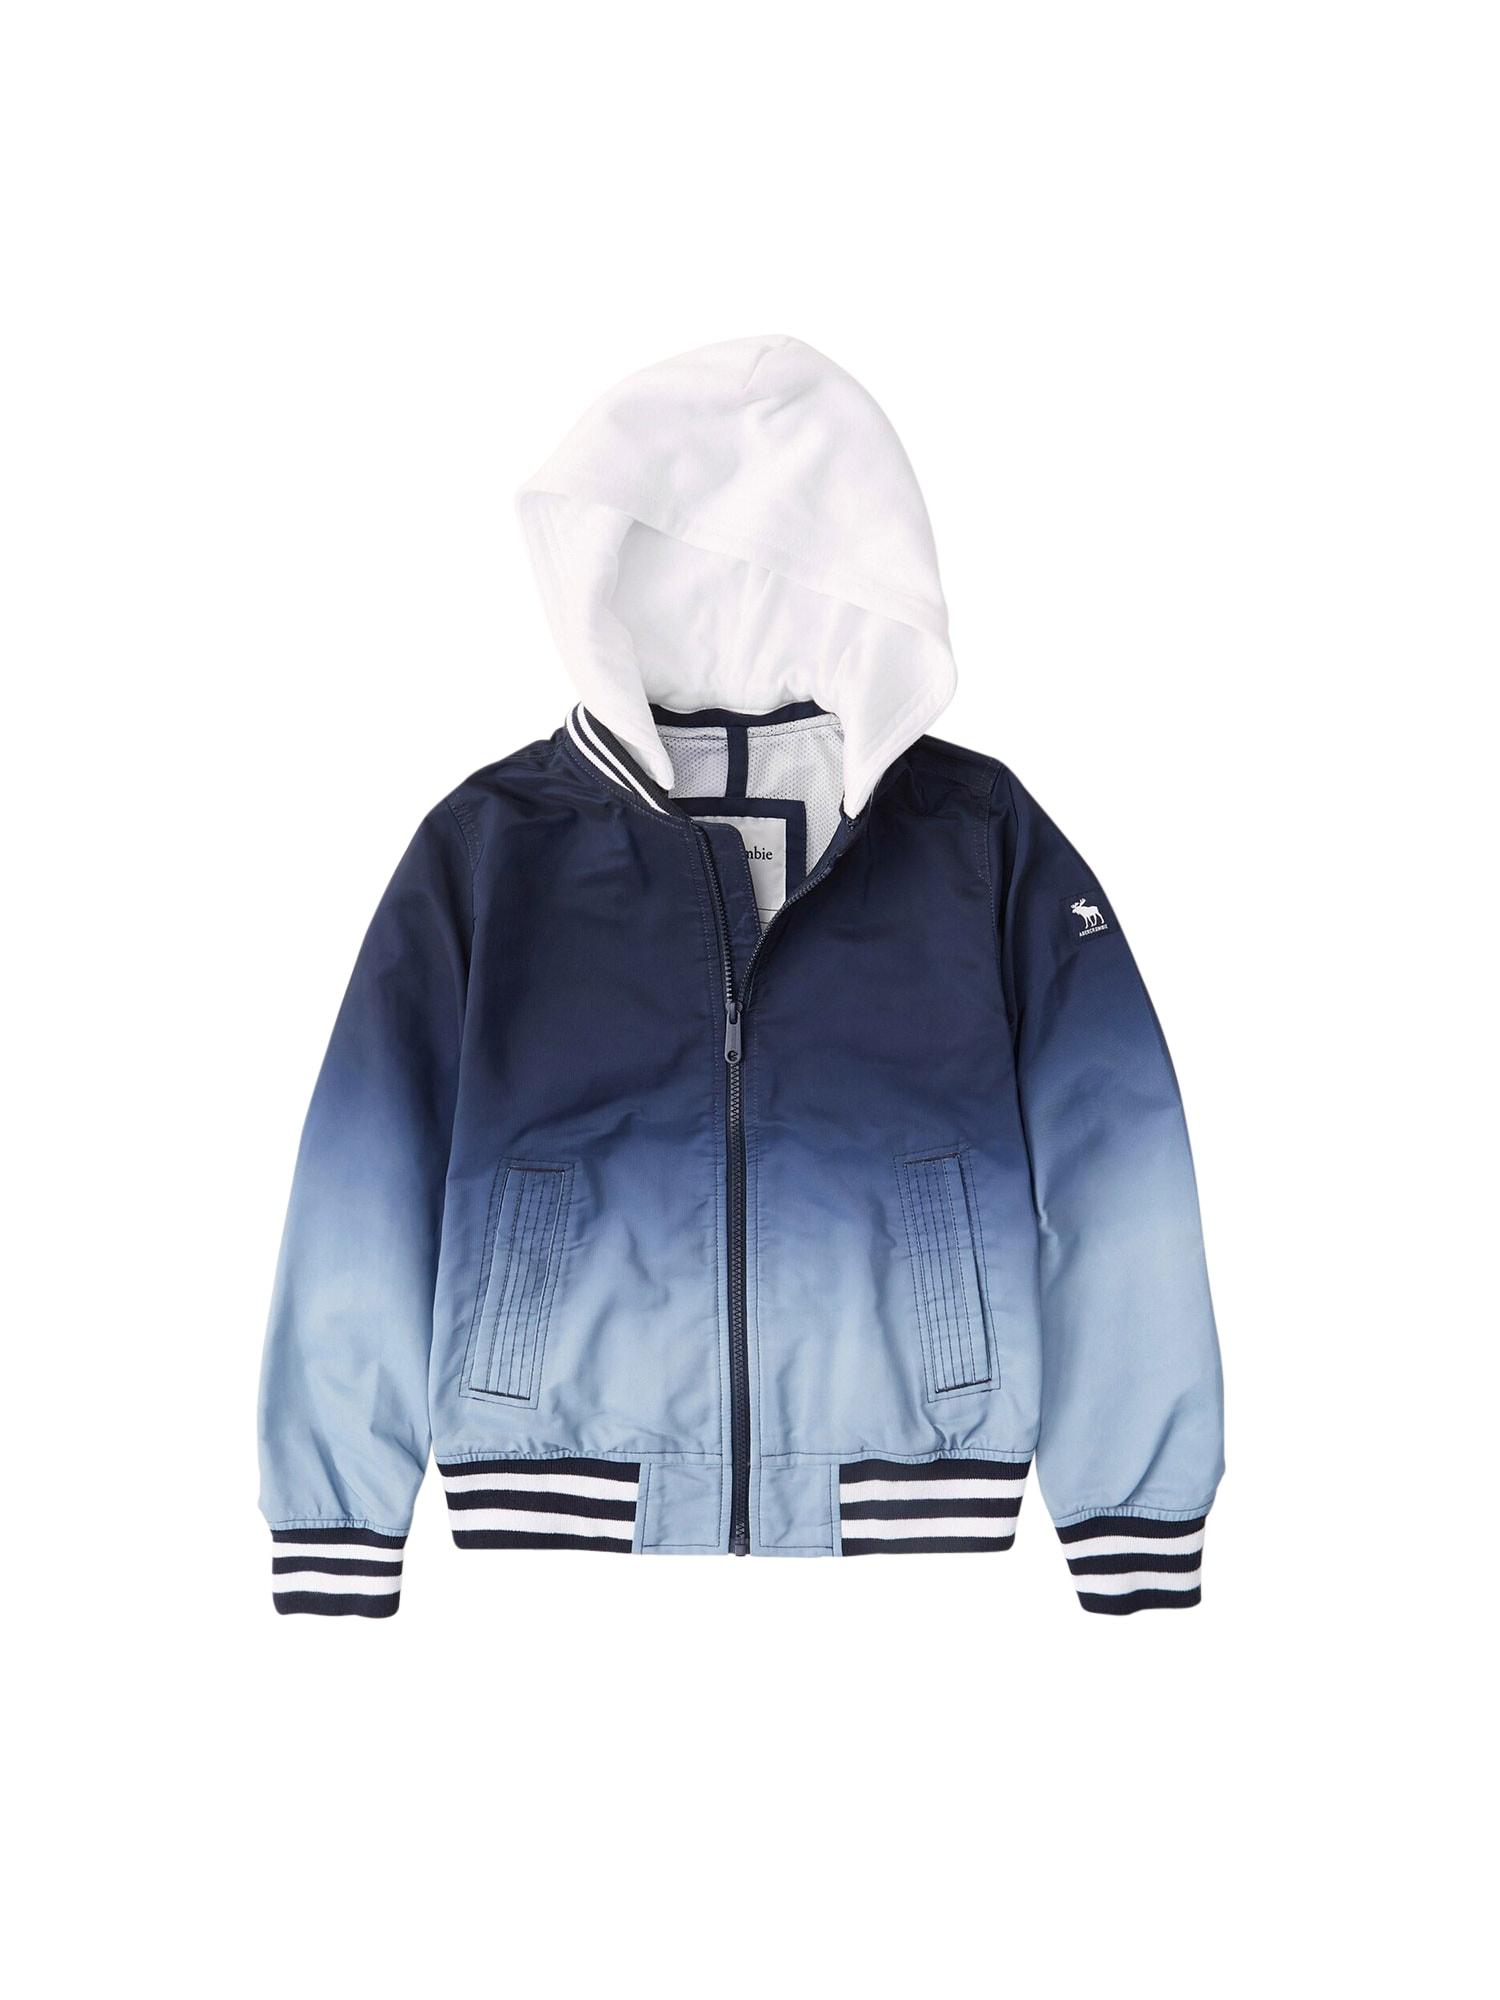 Abercrombie & Fitch Demisezoninė striukė mėlyna / nakties mėlyna / šviesiai mėlyna / balta